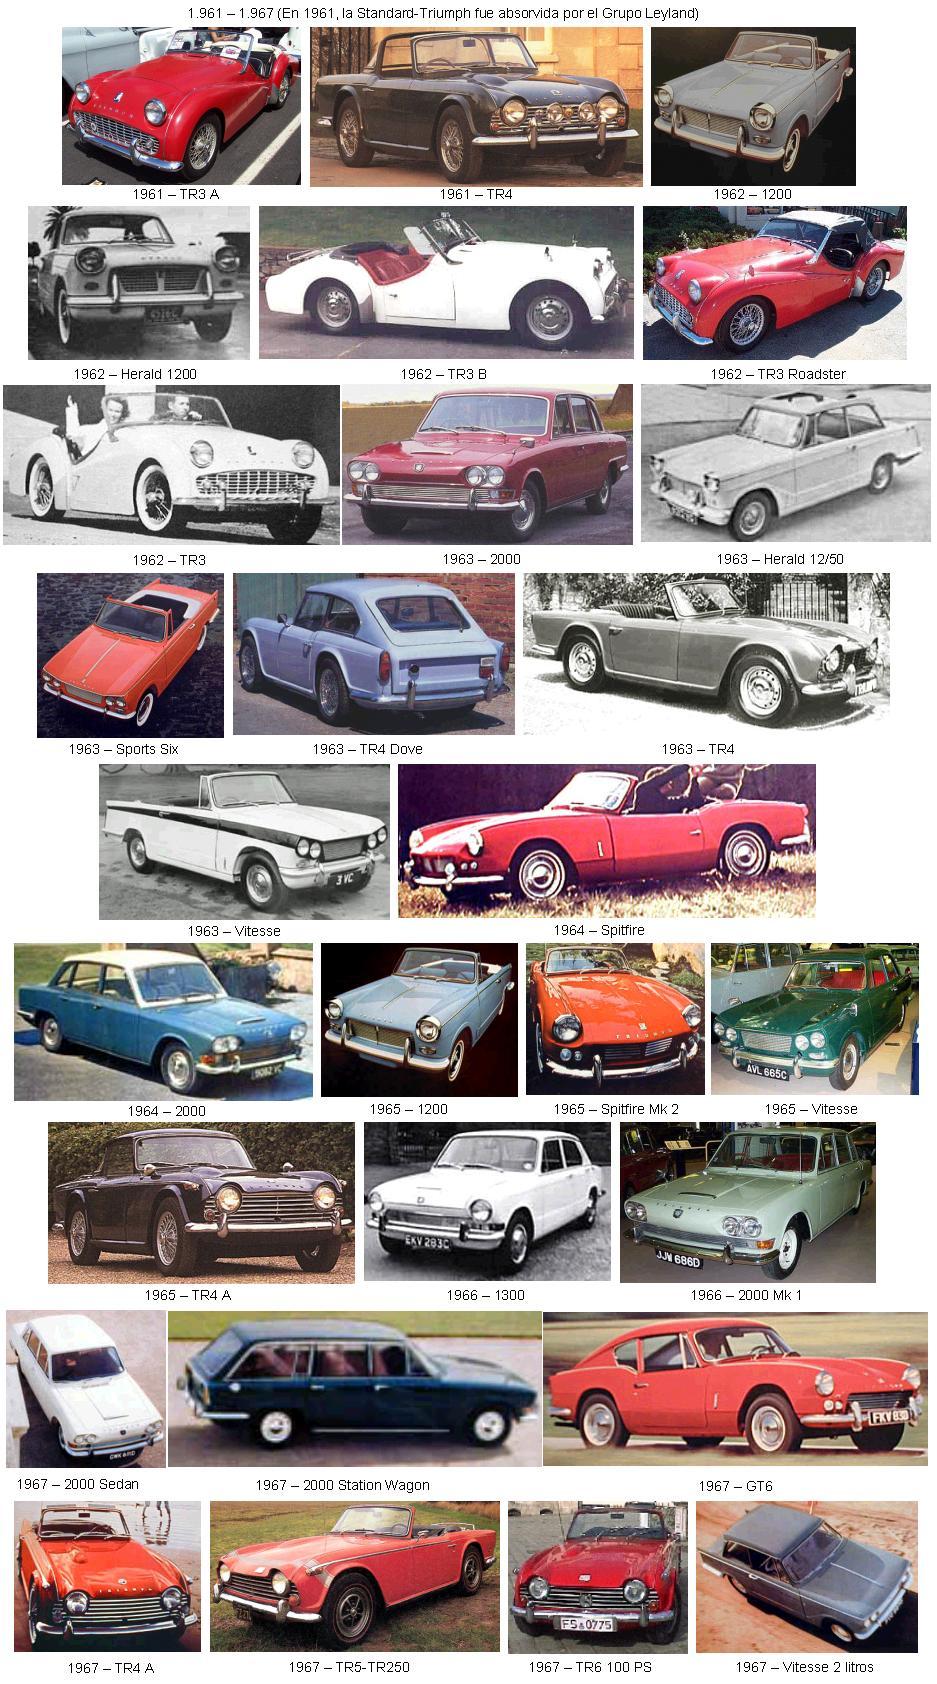 LEYLAND-04-(1961-1967)-(Triumph).jpg